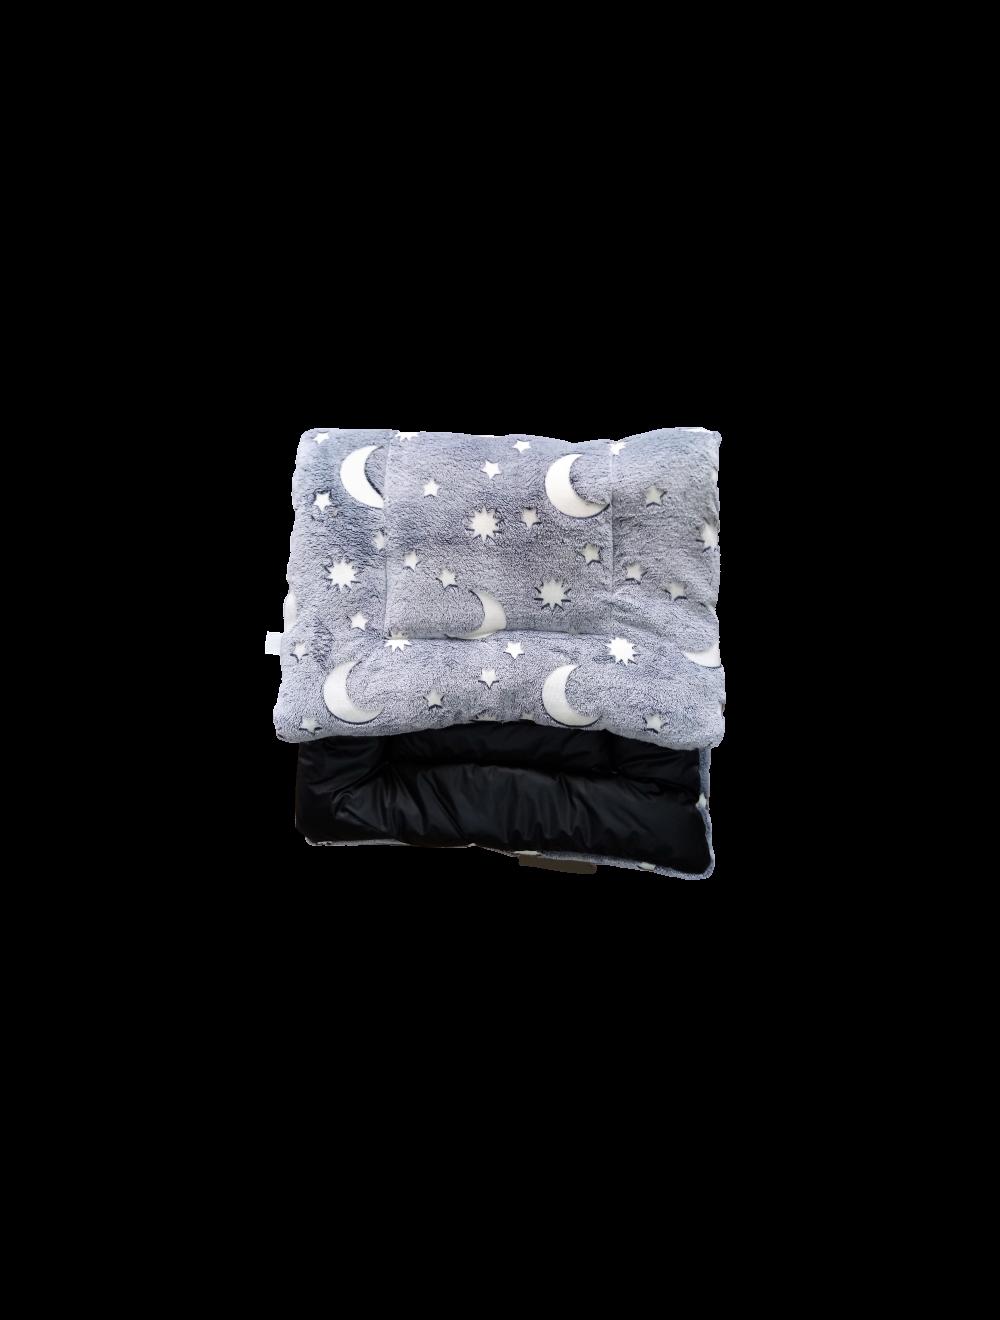 Cojín Colchoneta  Negro / Lunas grises talla S-ciudaddemascotas.com